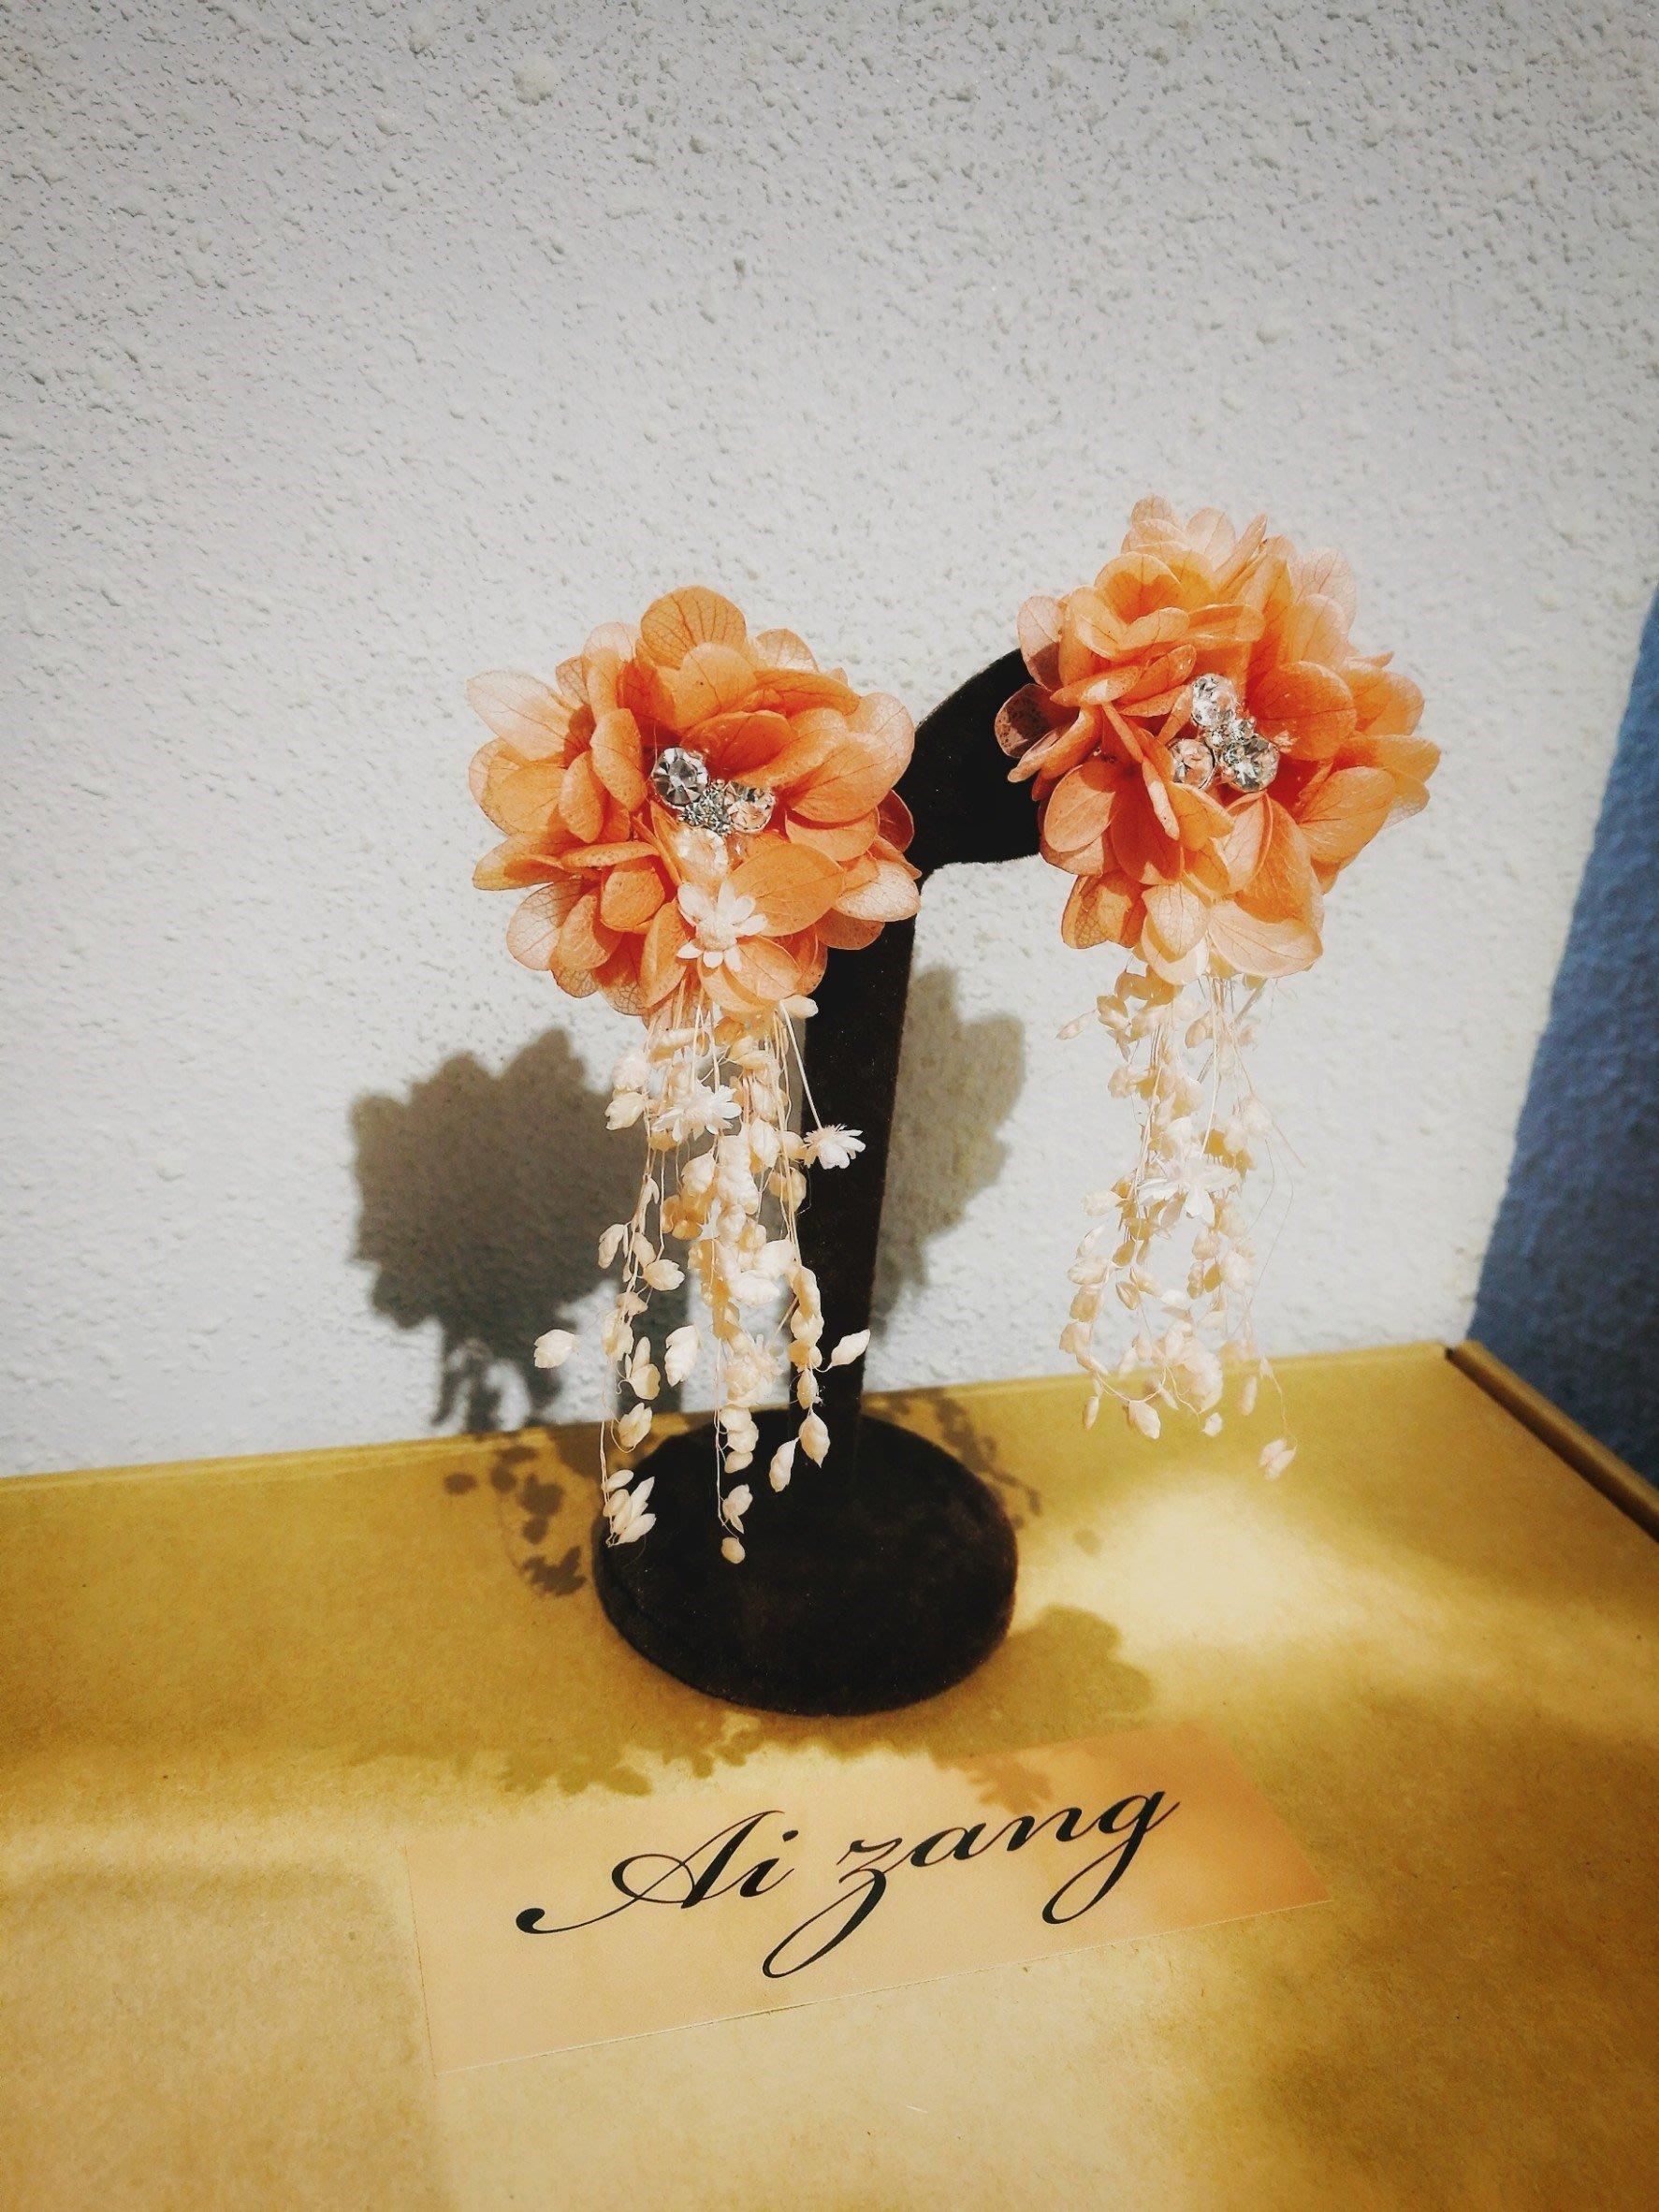 ~璦藏手作飾品~盛宴晶鑽花瓣手工乾燥花耳環(橘紅) 編號QQ32